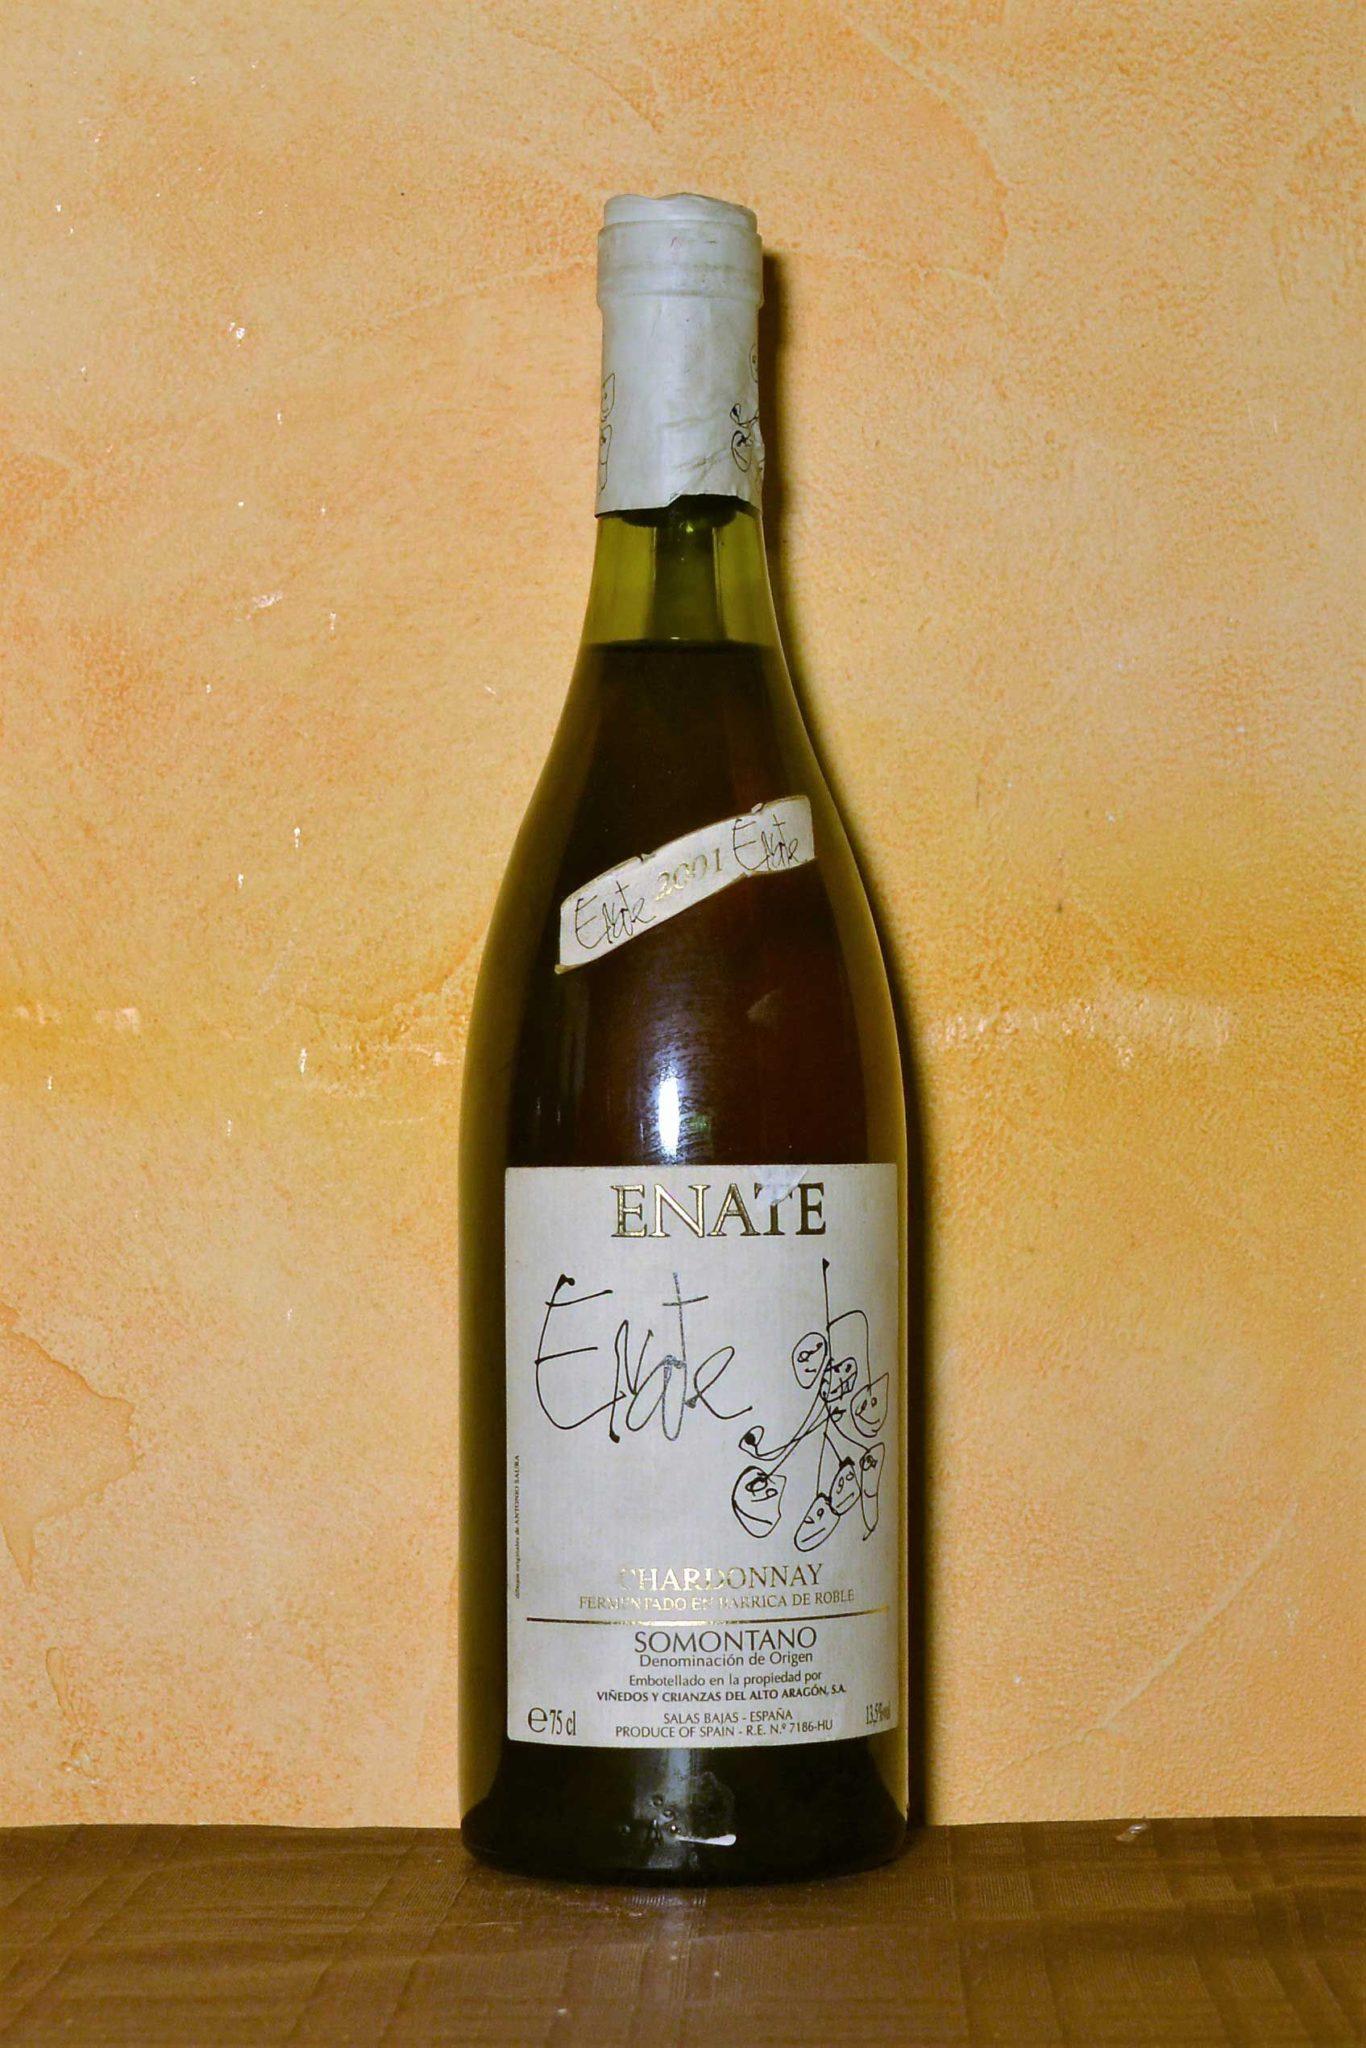 Enate Chardonnay Blanco 2001